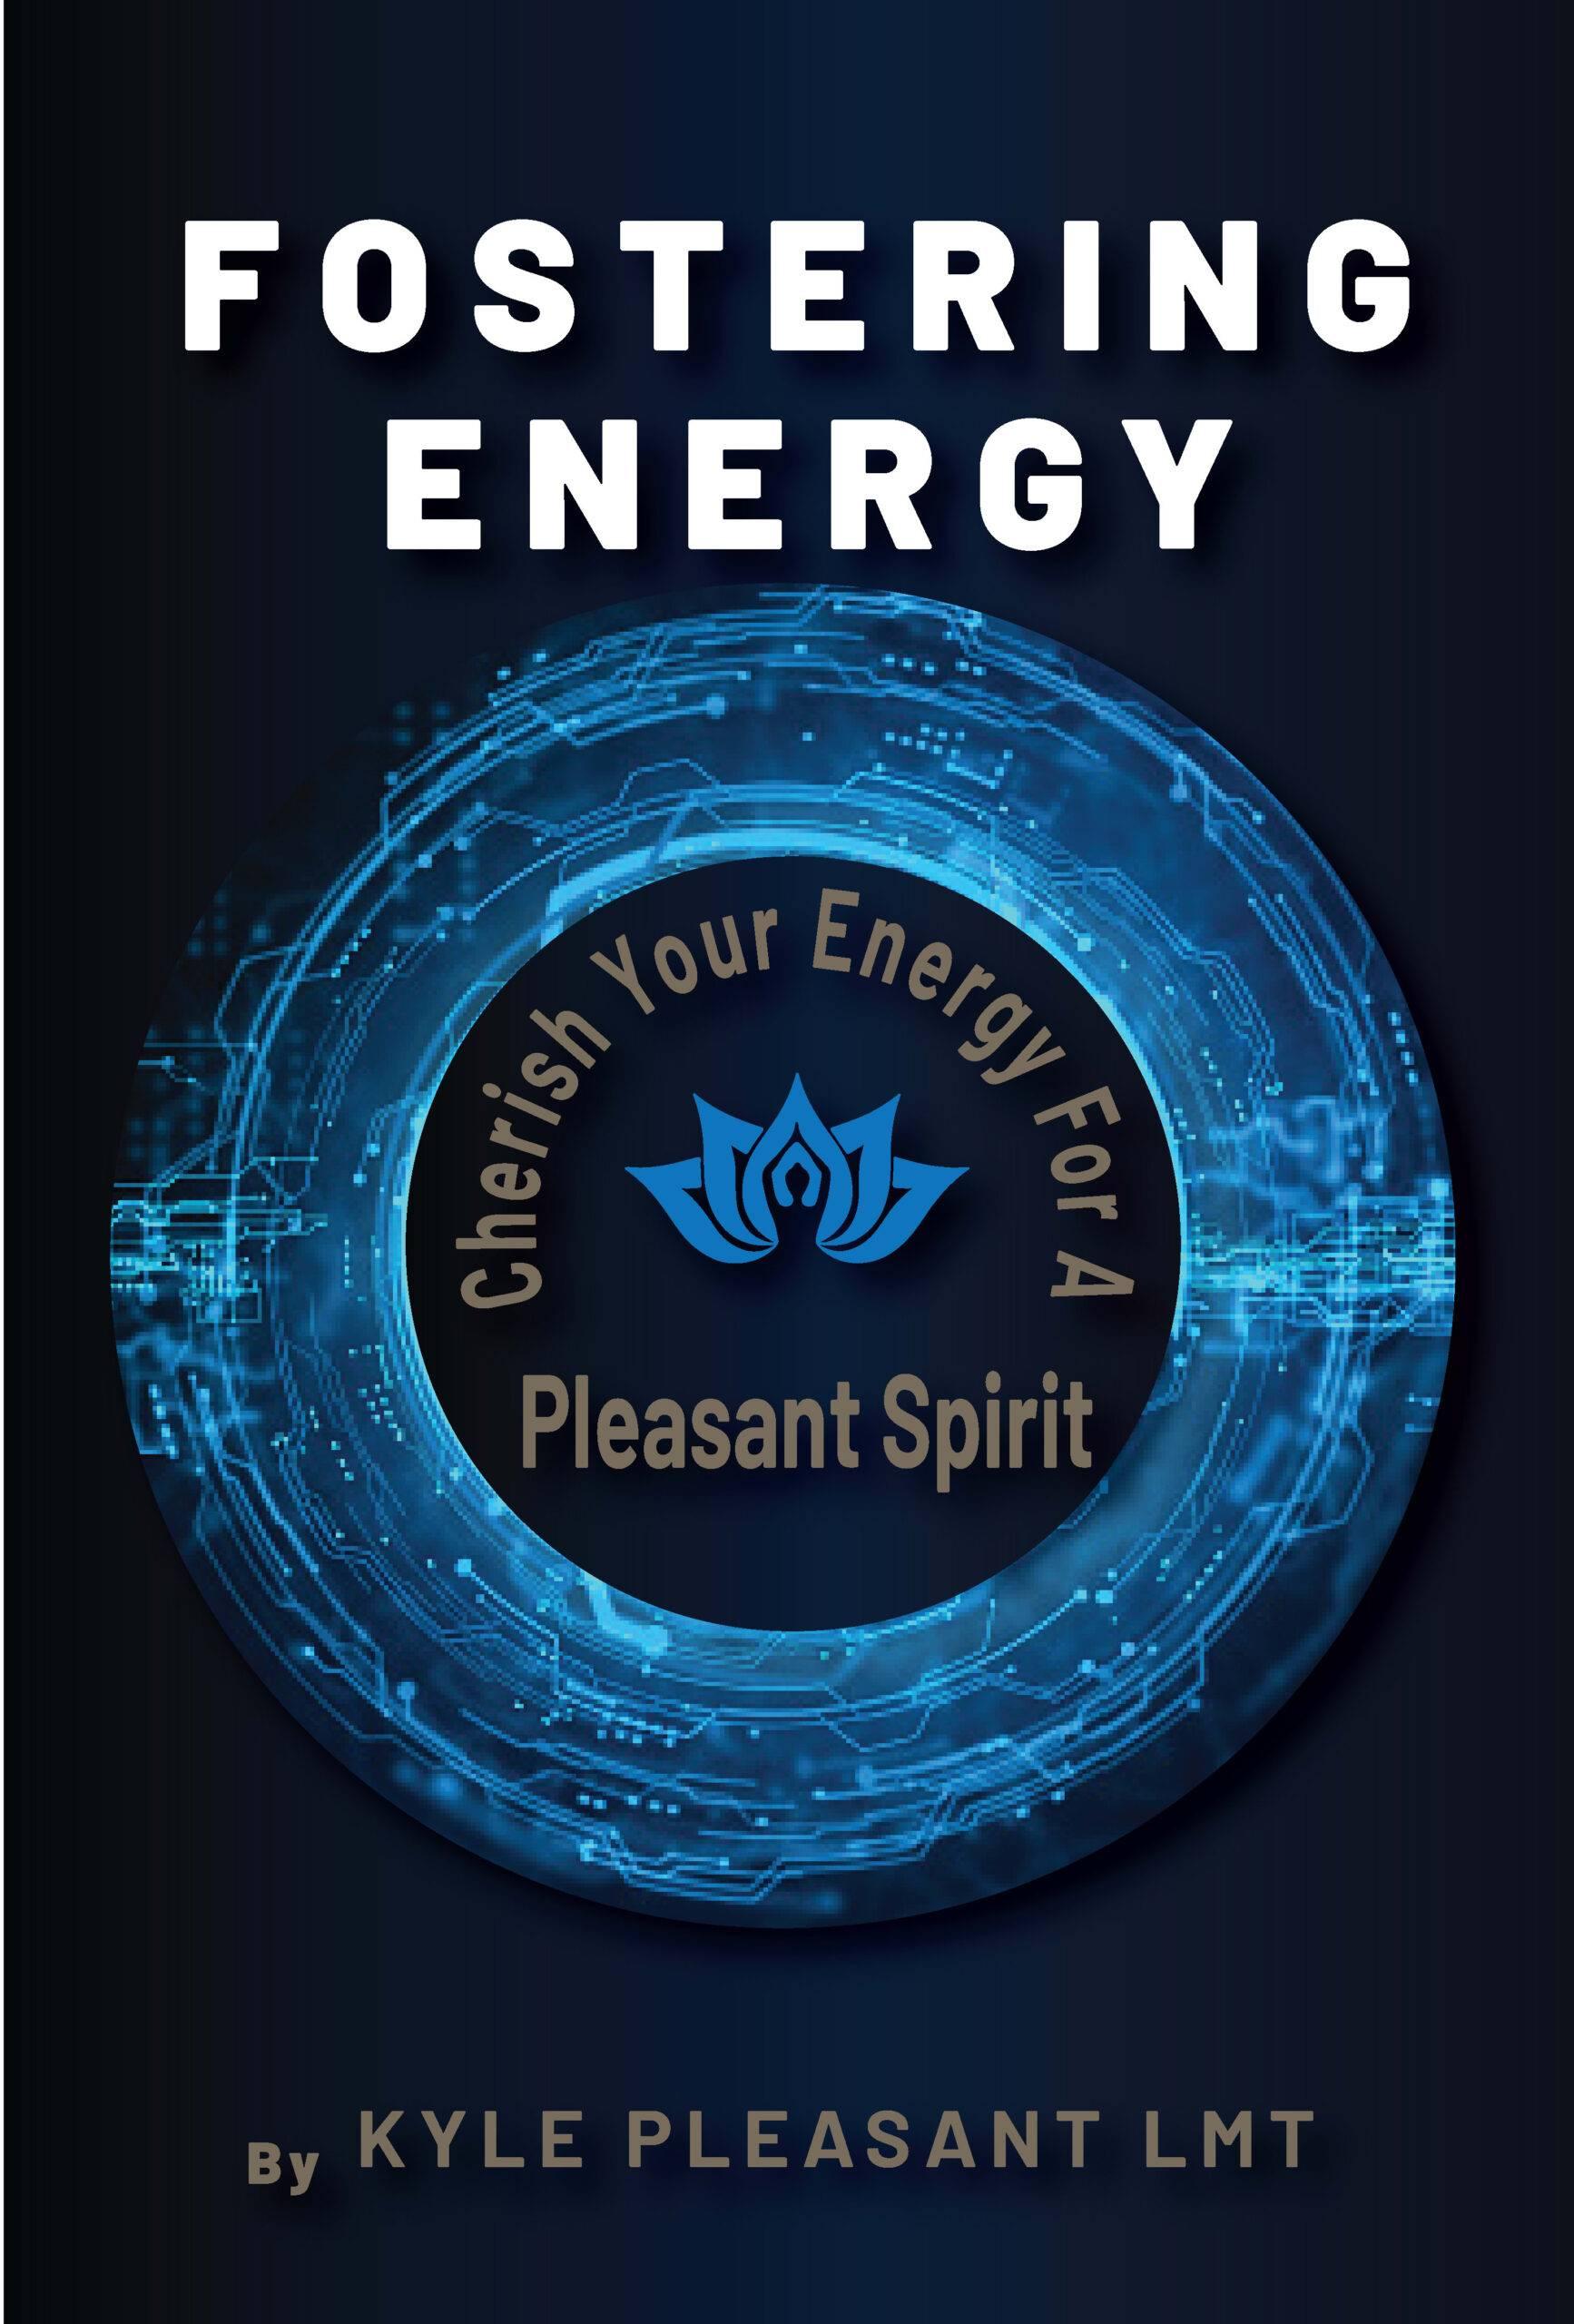 Pleasant Spirit